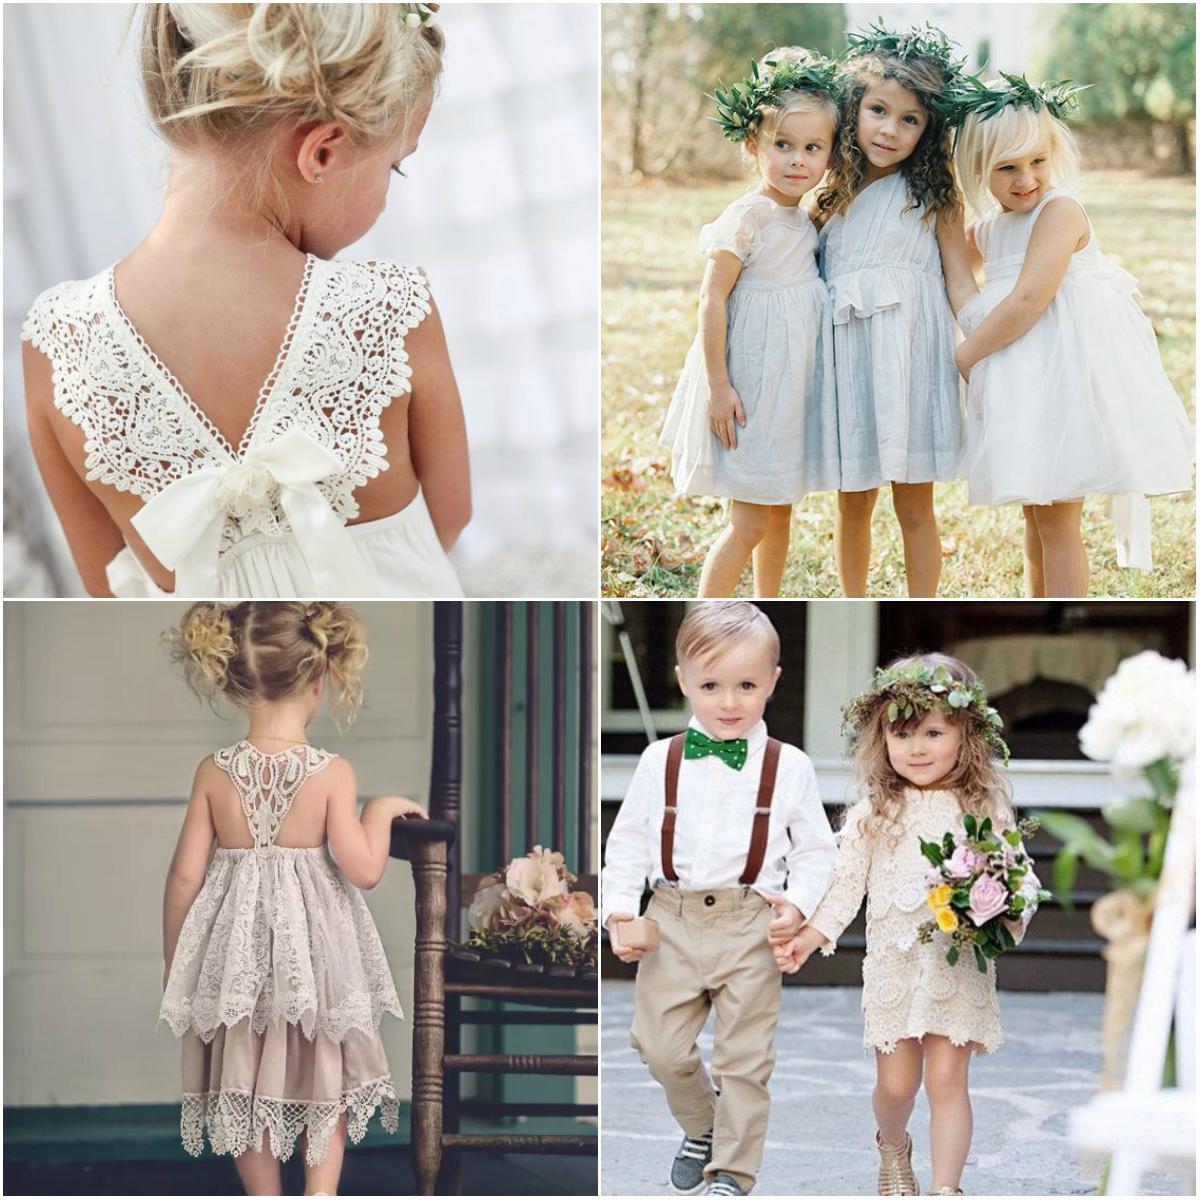 Jurk Bruiloft Kind.Inspiratie Voor De Outfits Van De Kinderen Op Bruiloft